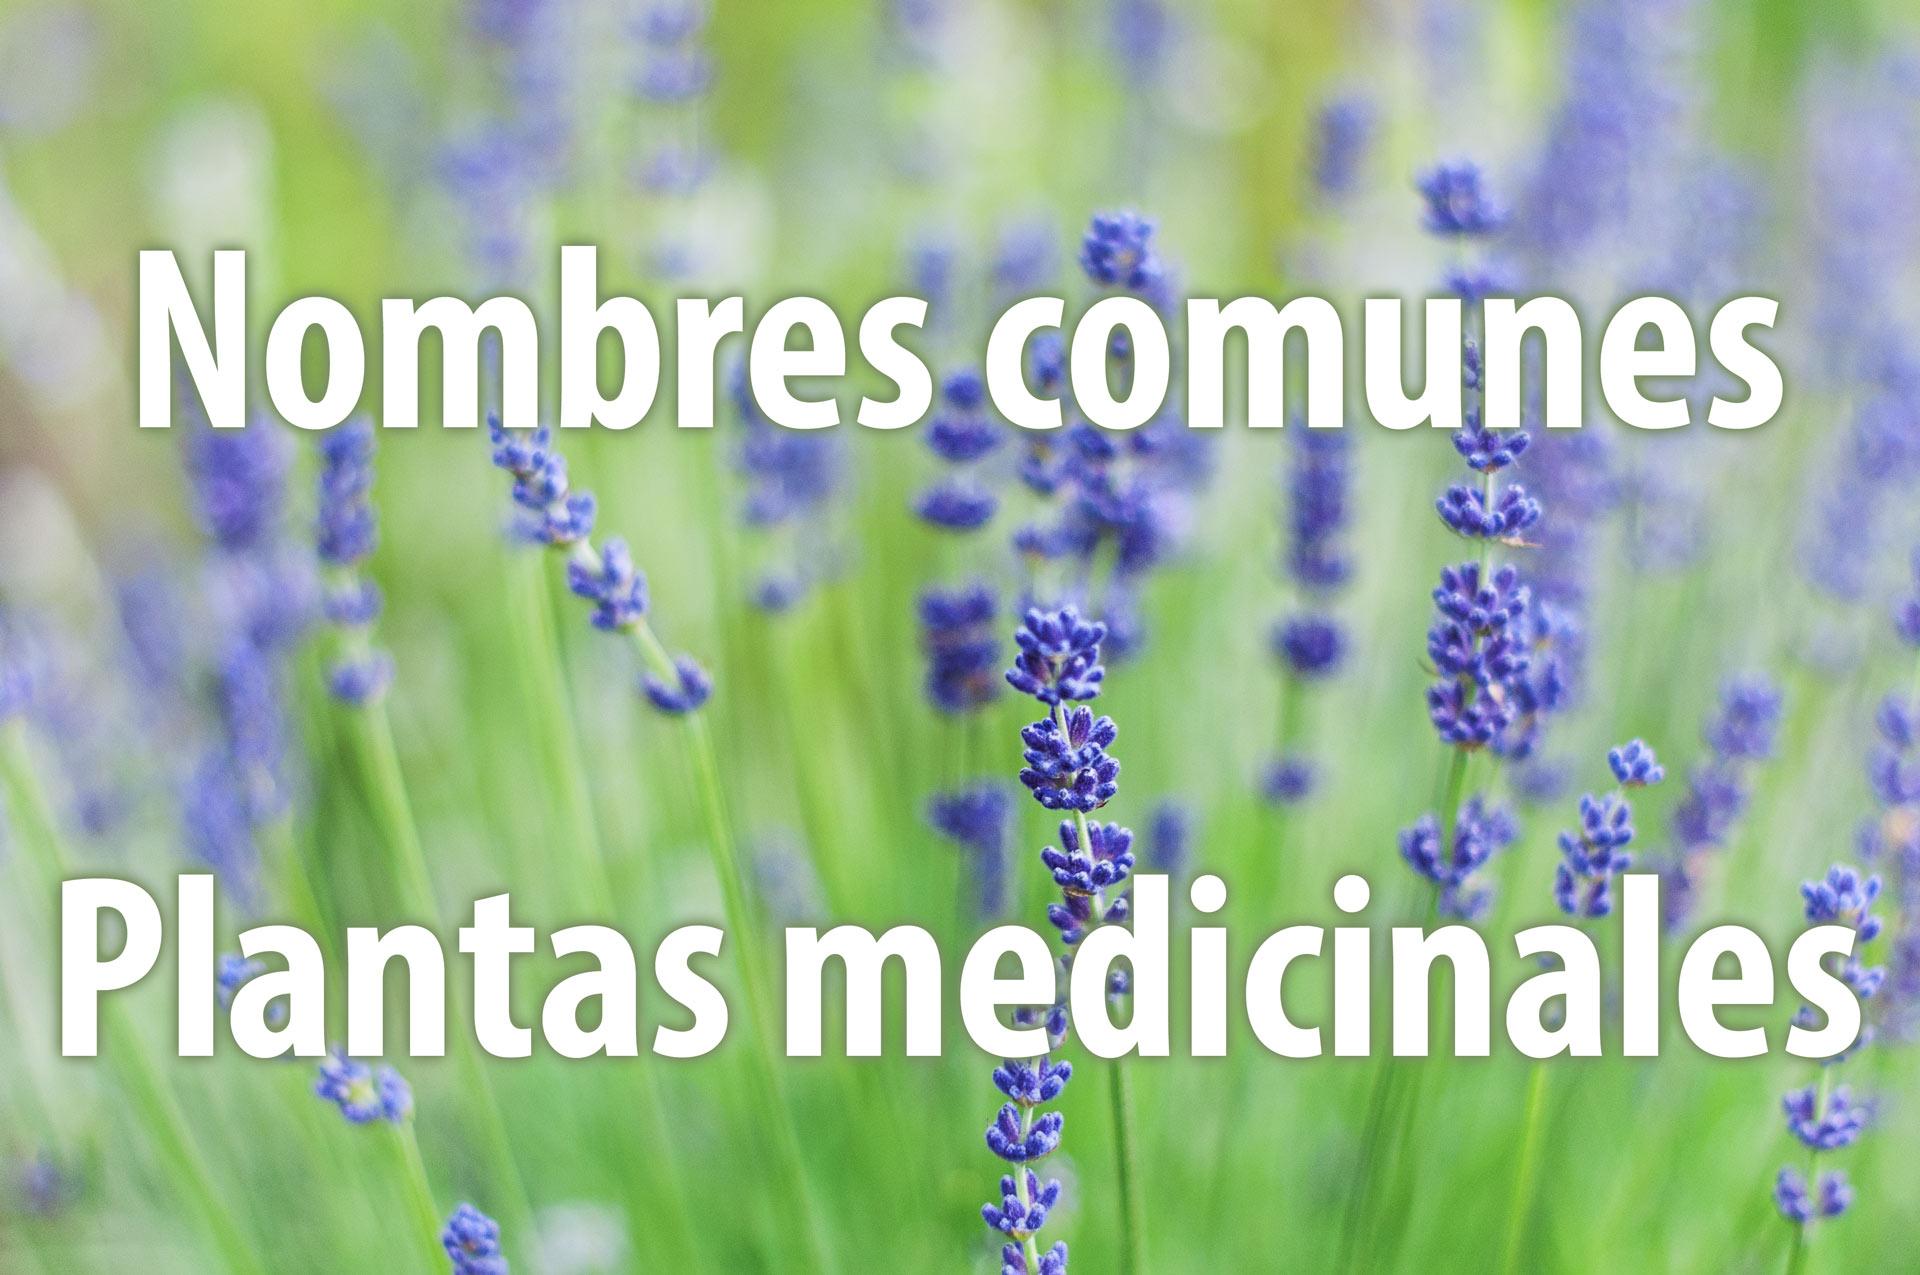 Nombres comunes de plantas medicinales plantas medicinales Nombres de plantas comunes